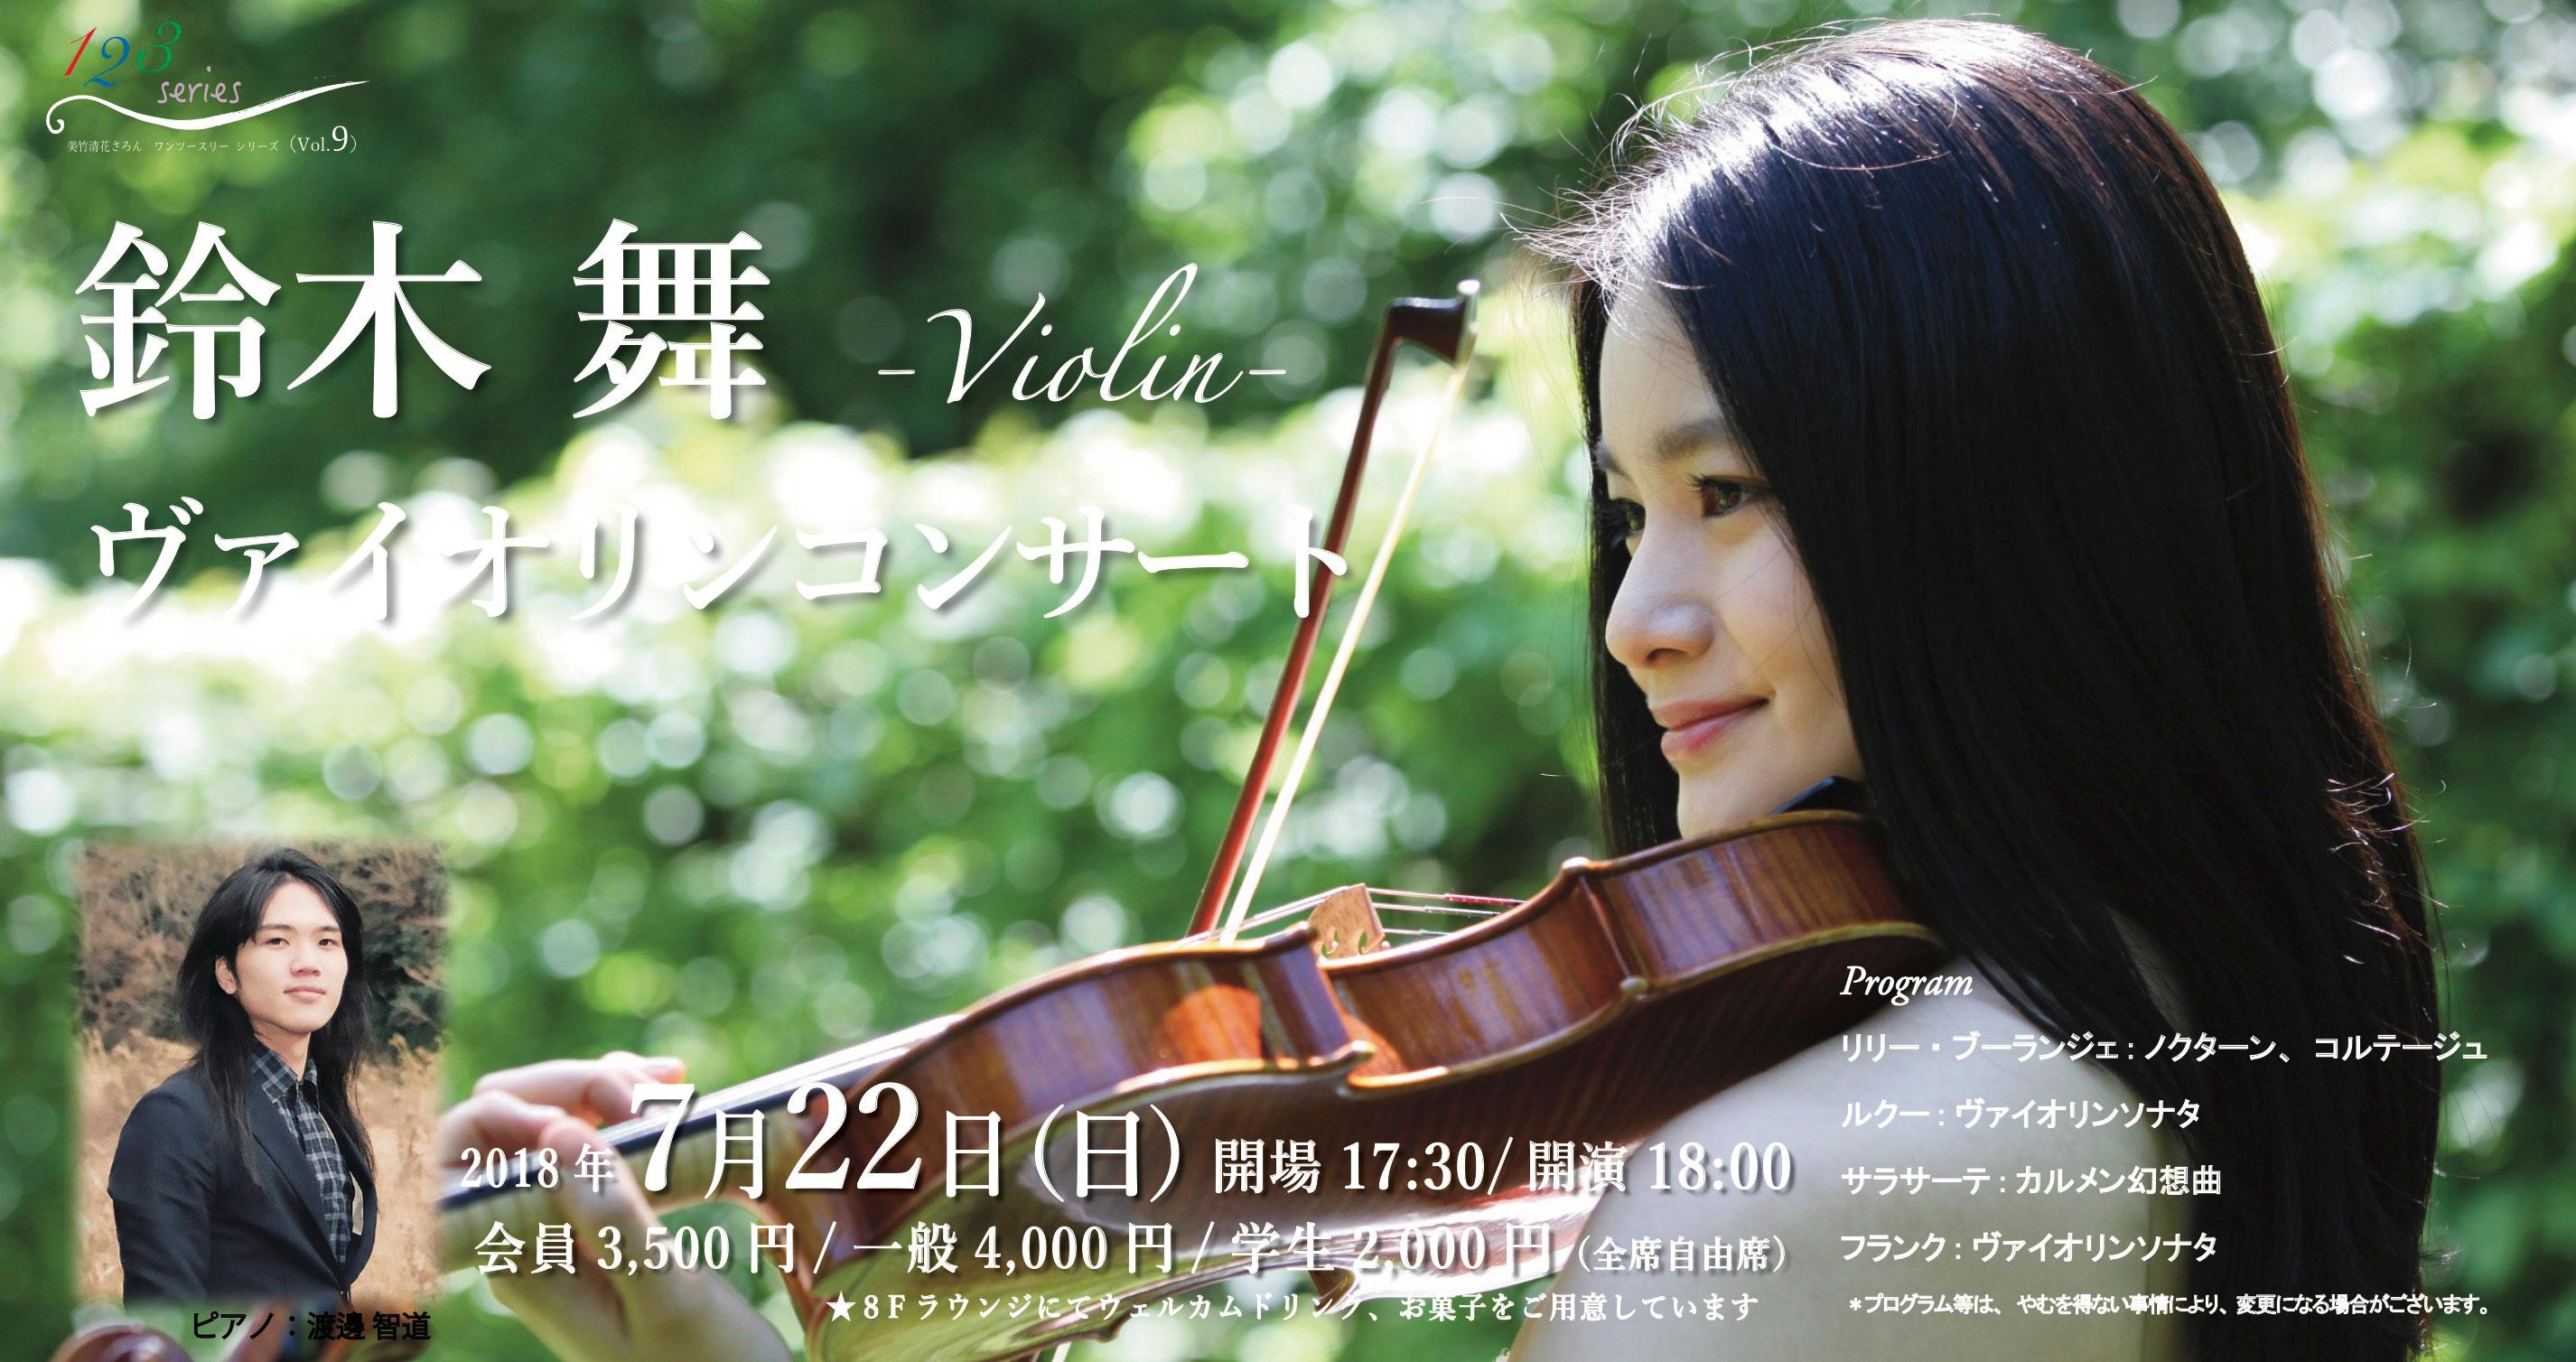 7月22日18:00~ 鈴木舞  ヴァイオリンコンサート(ピアノ 渡邊 智道)